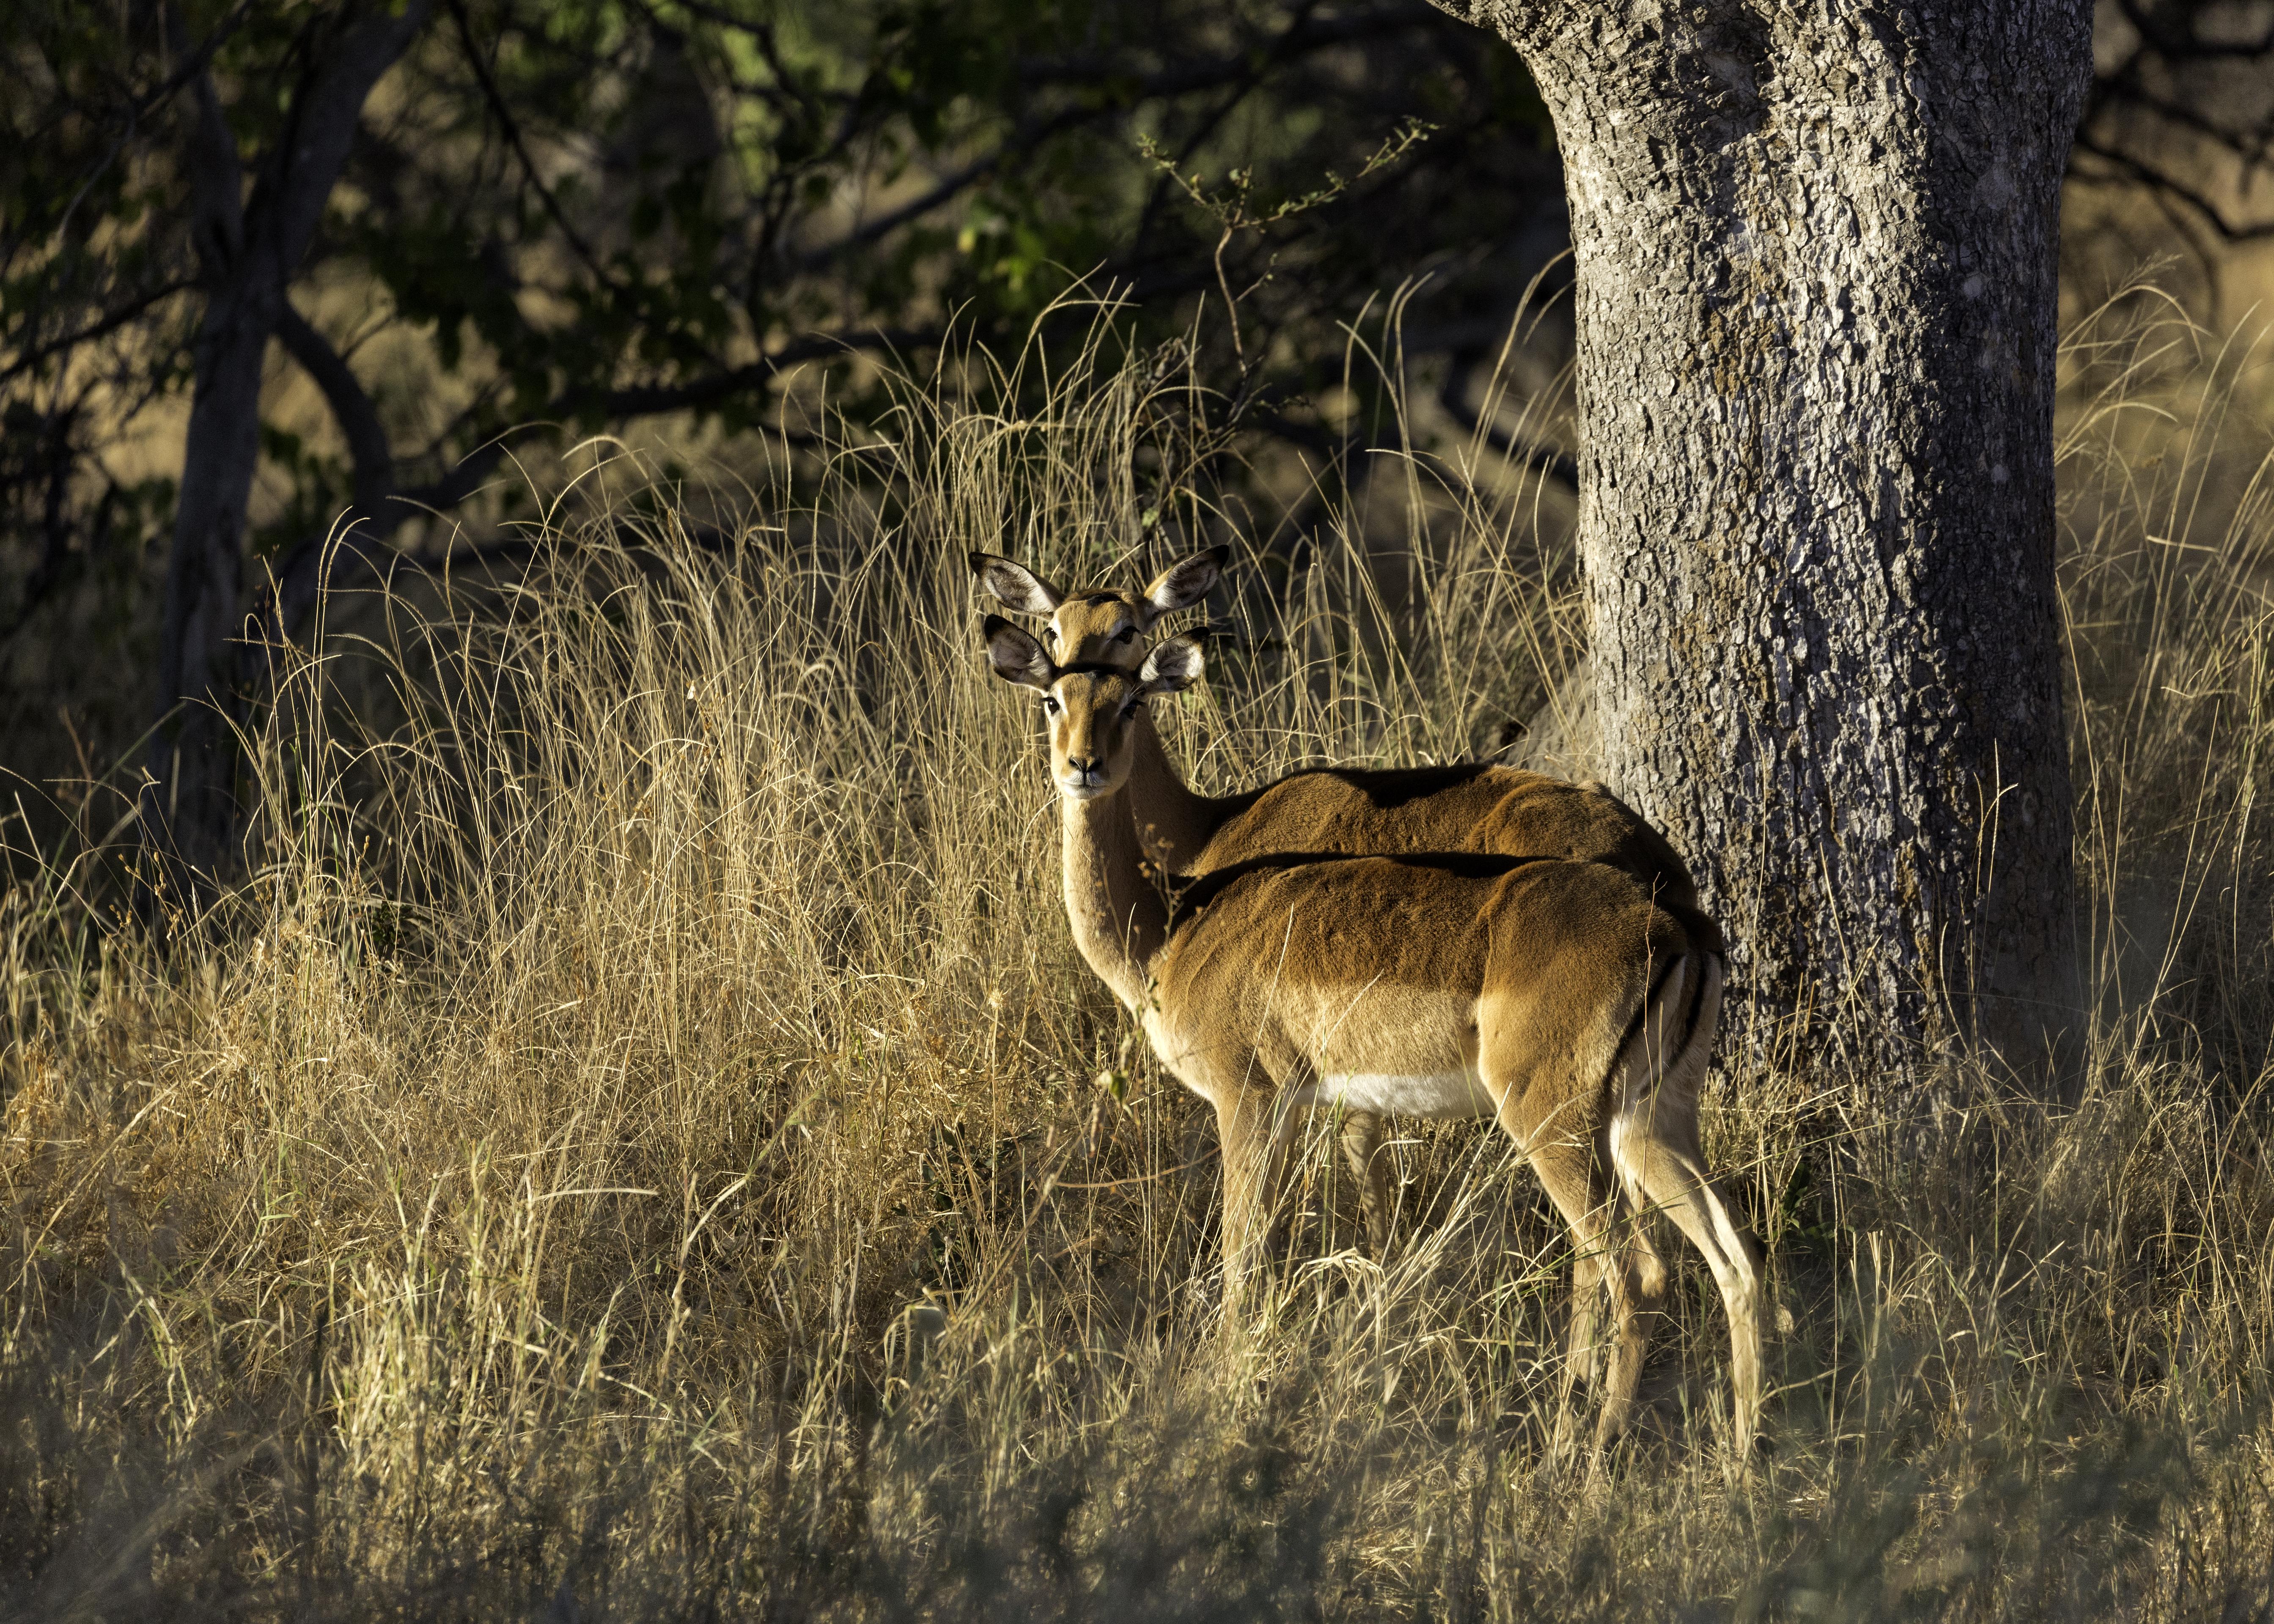 Xana Impala